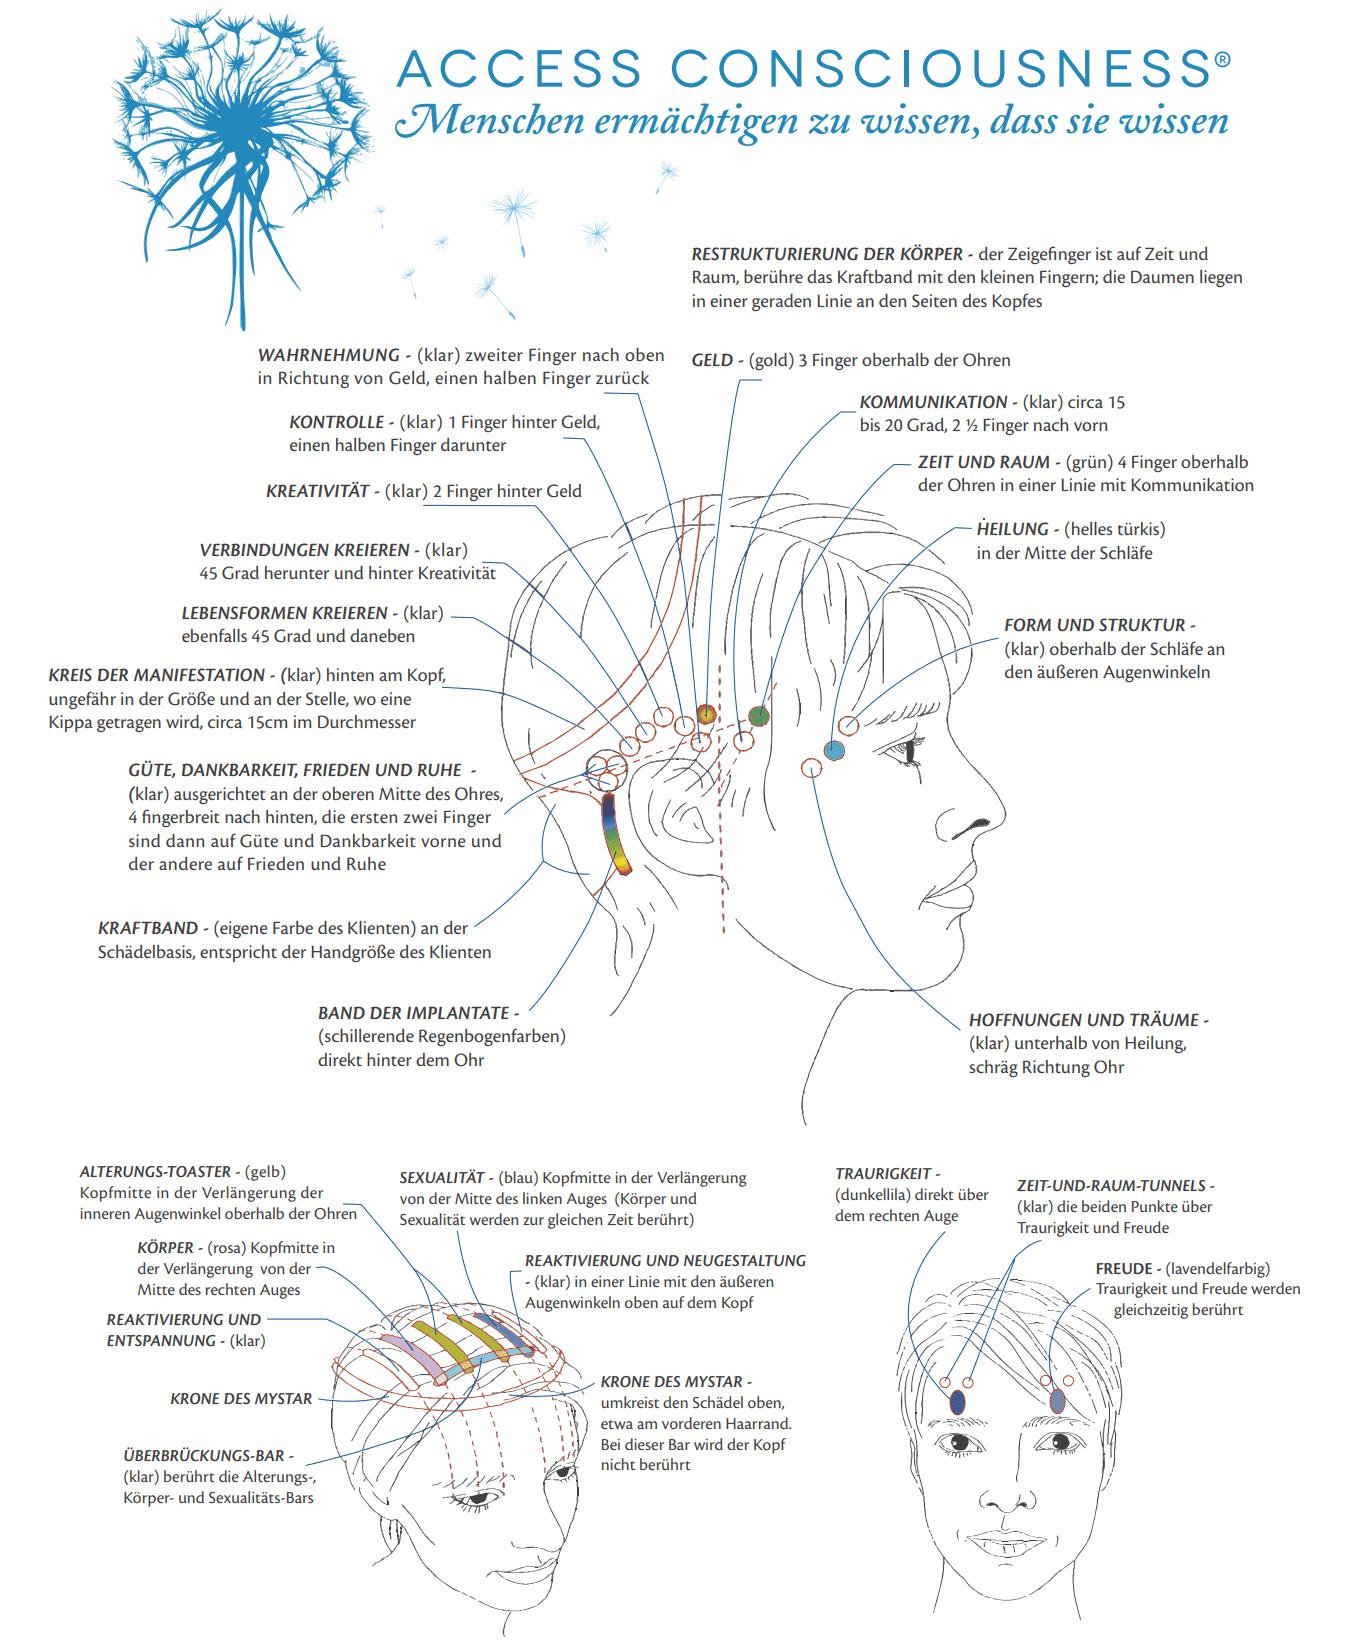 Tafeldbild, welche Sensoren im Gehirn welche Emotionen in einem erwecken